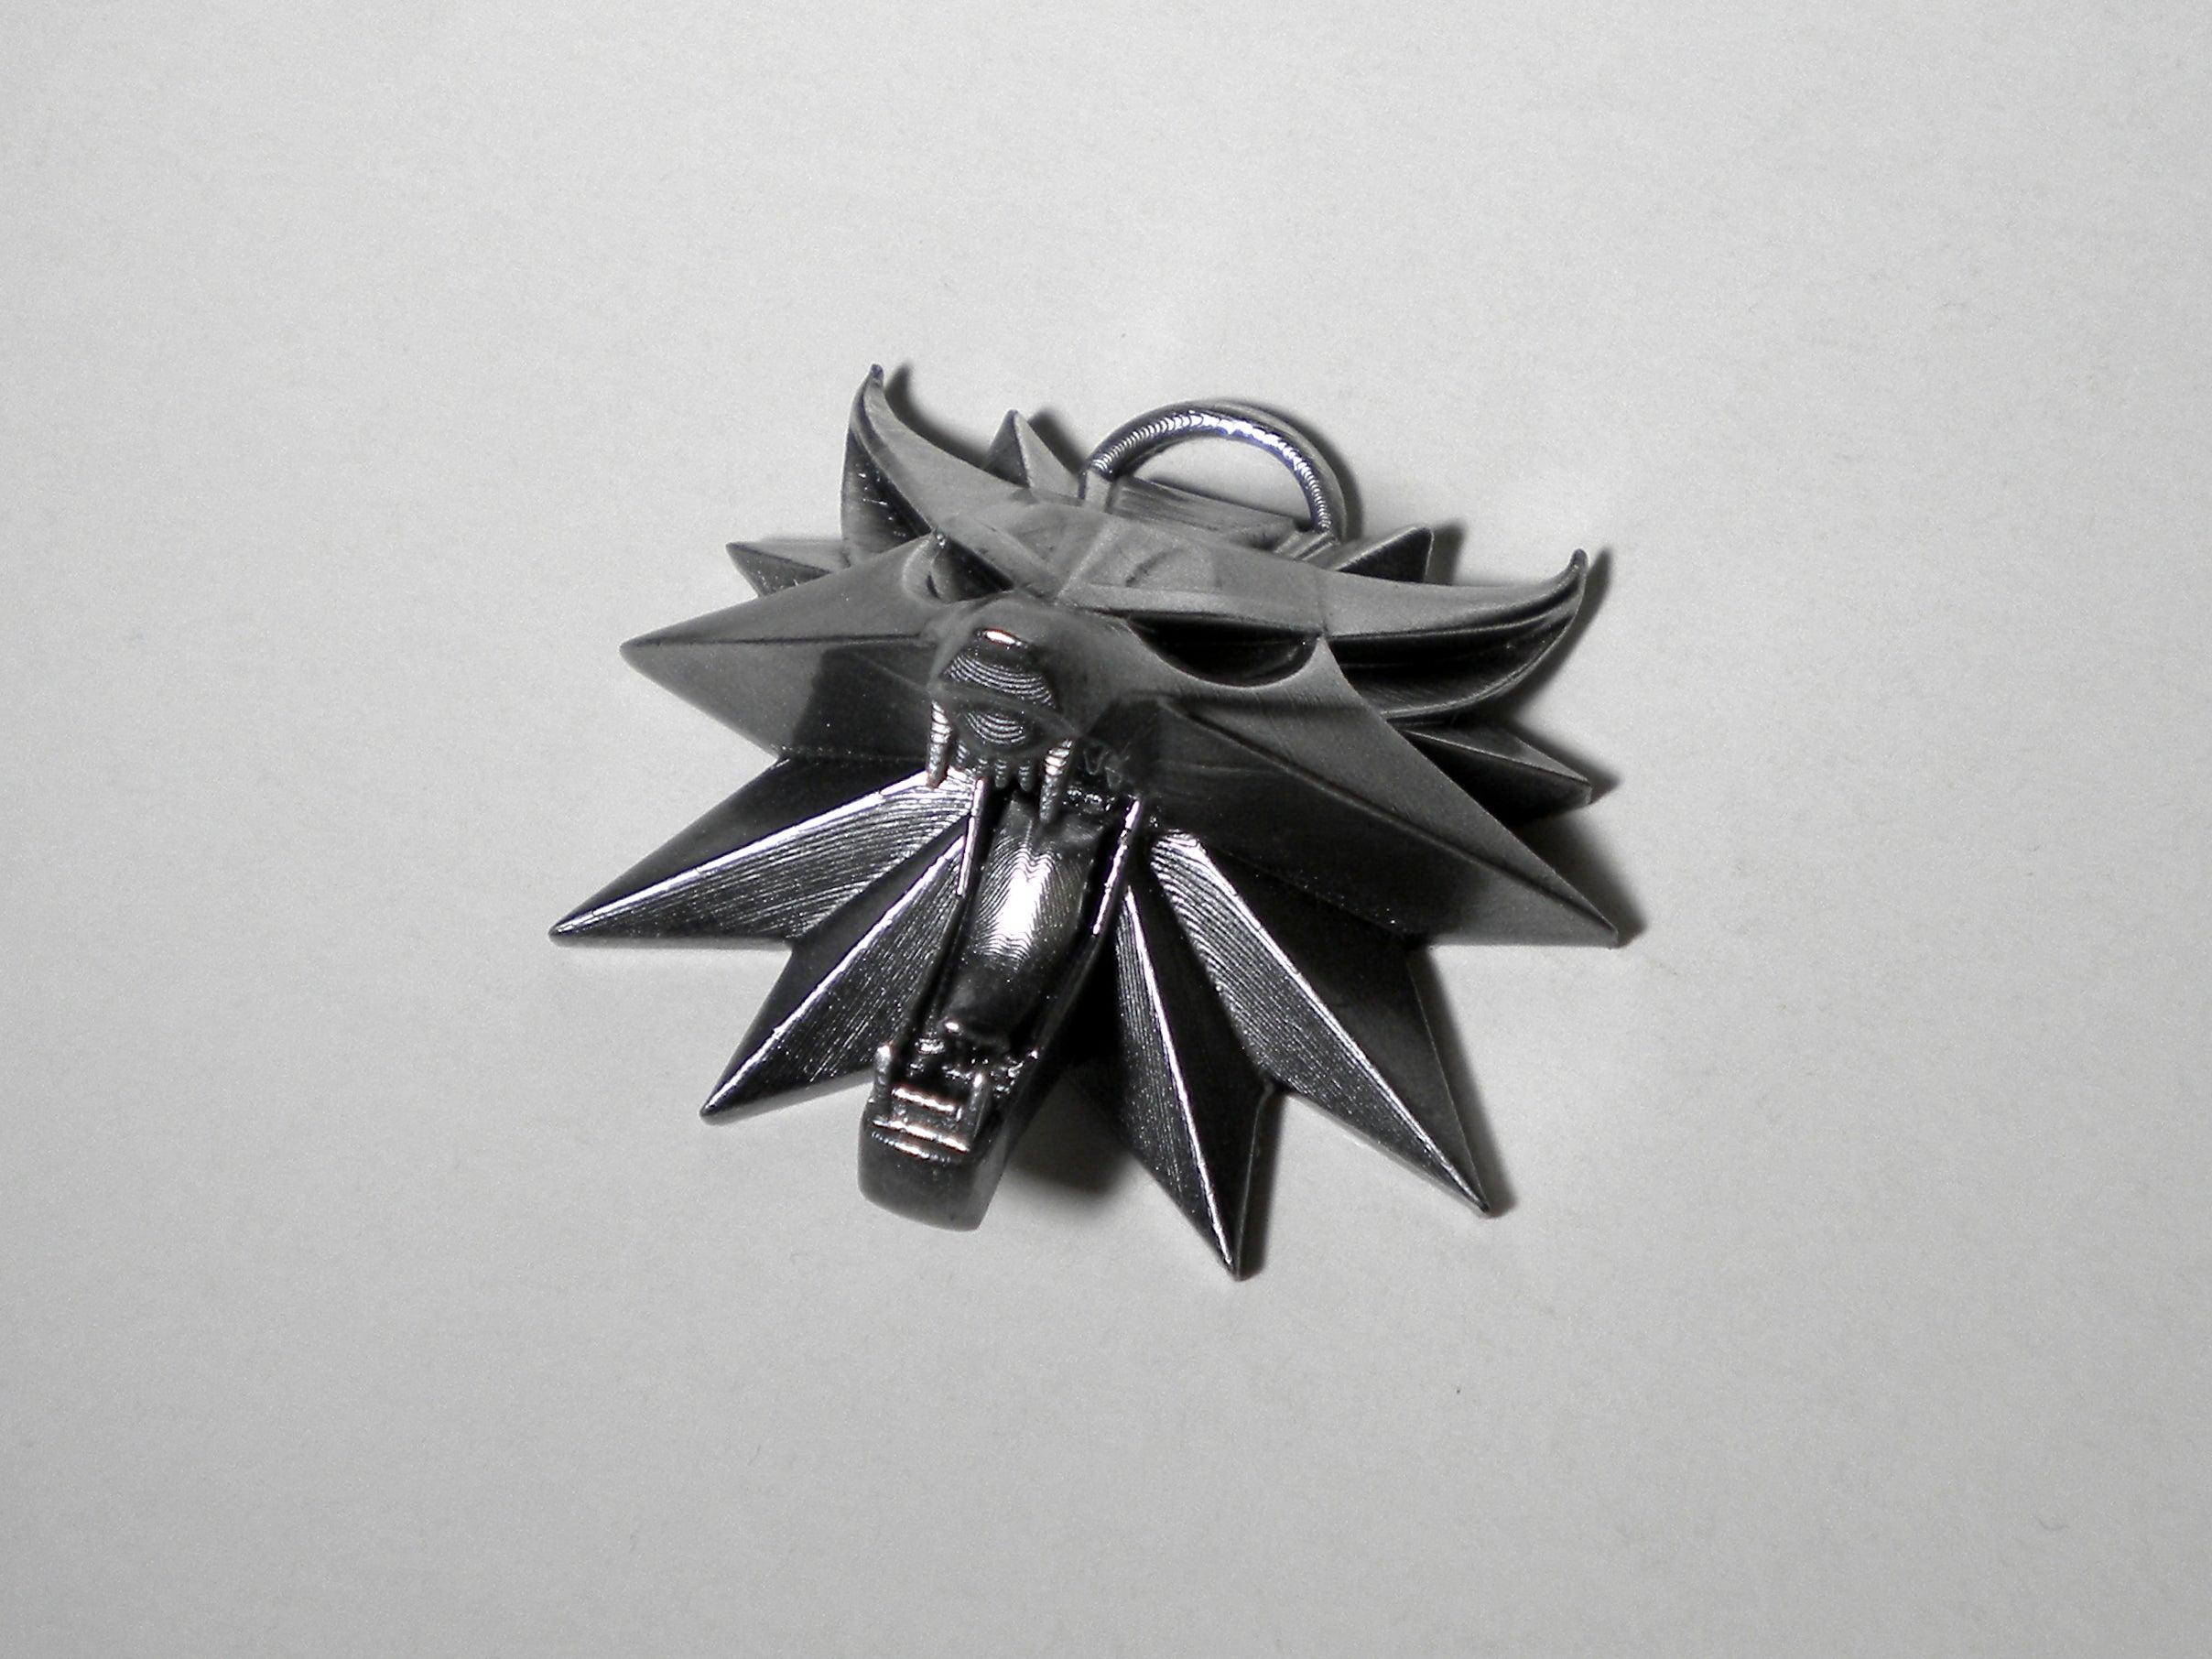 Witcher III  Anahtarlıklı Kolyelik Ucu Madalyon Hediyelik Eşya